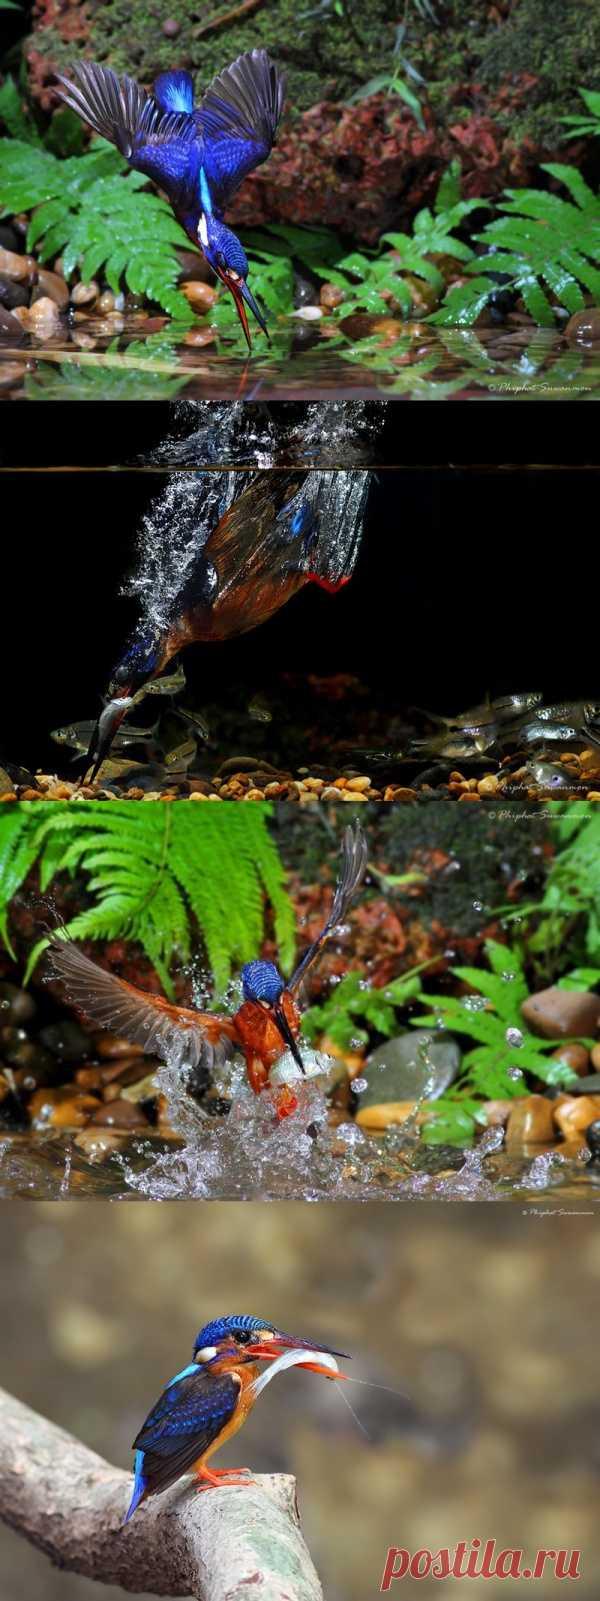 Красивые кадры рыбалки голубого зимородка